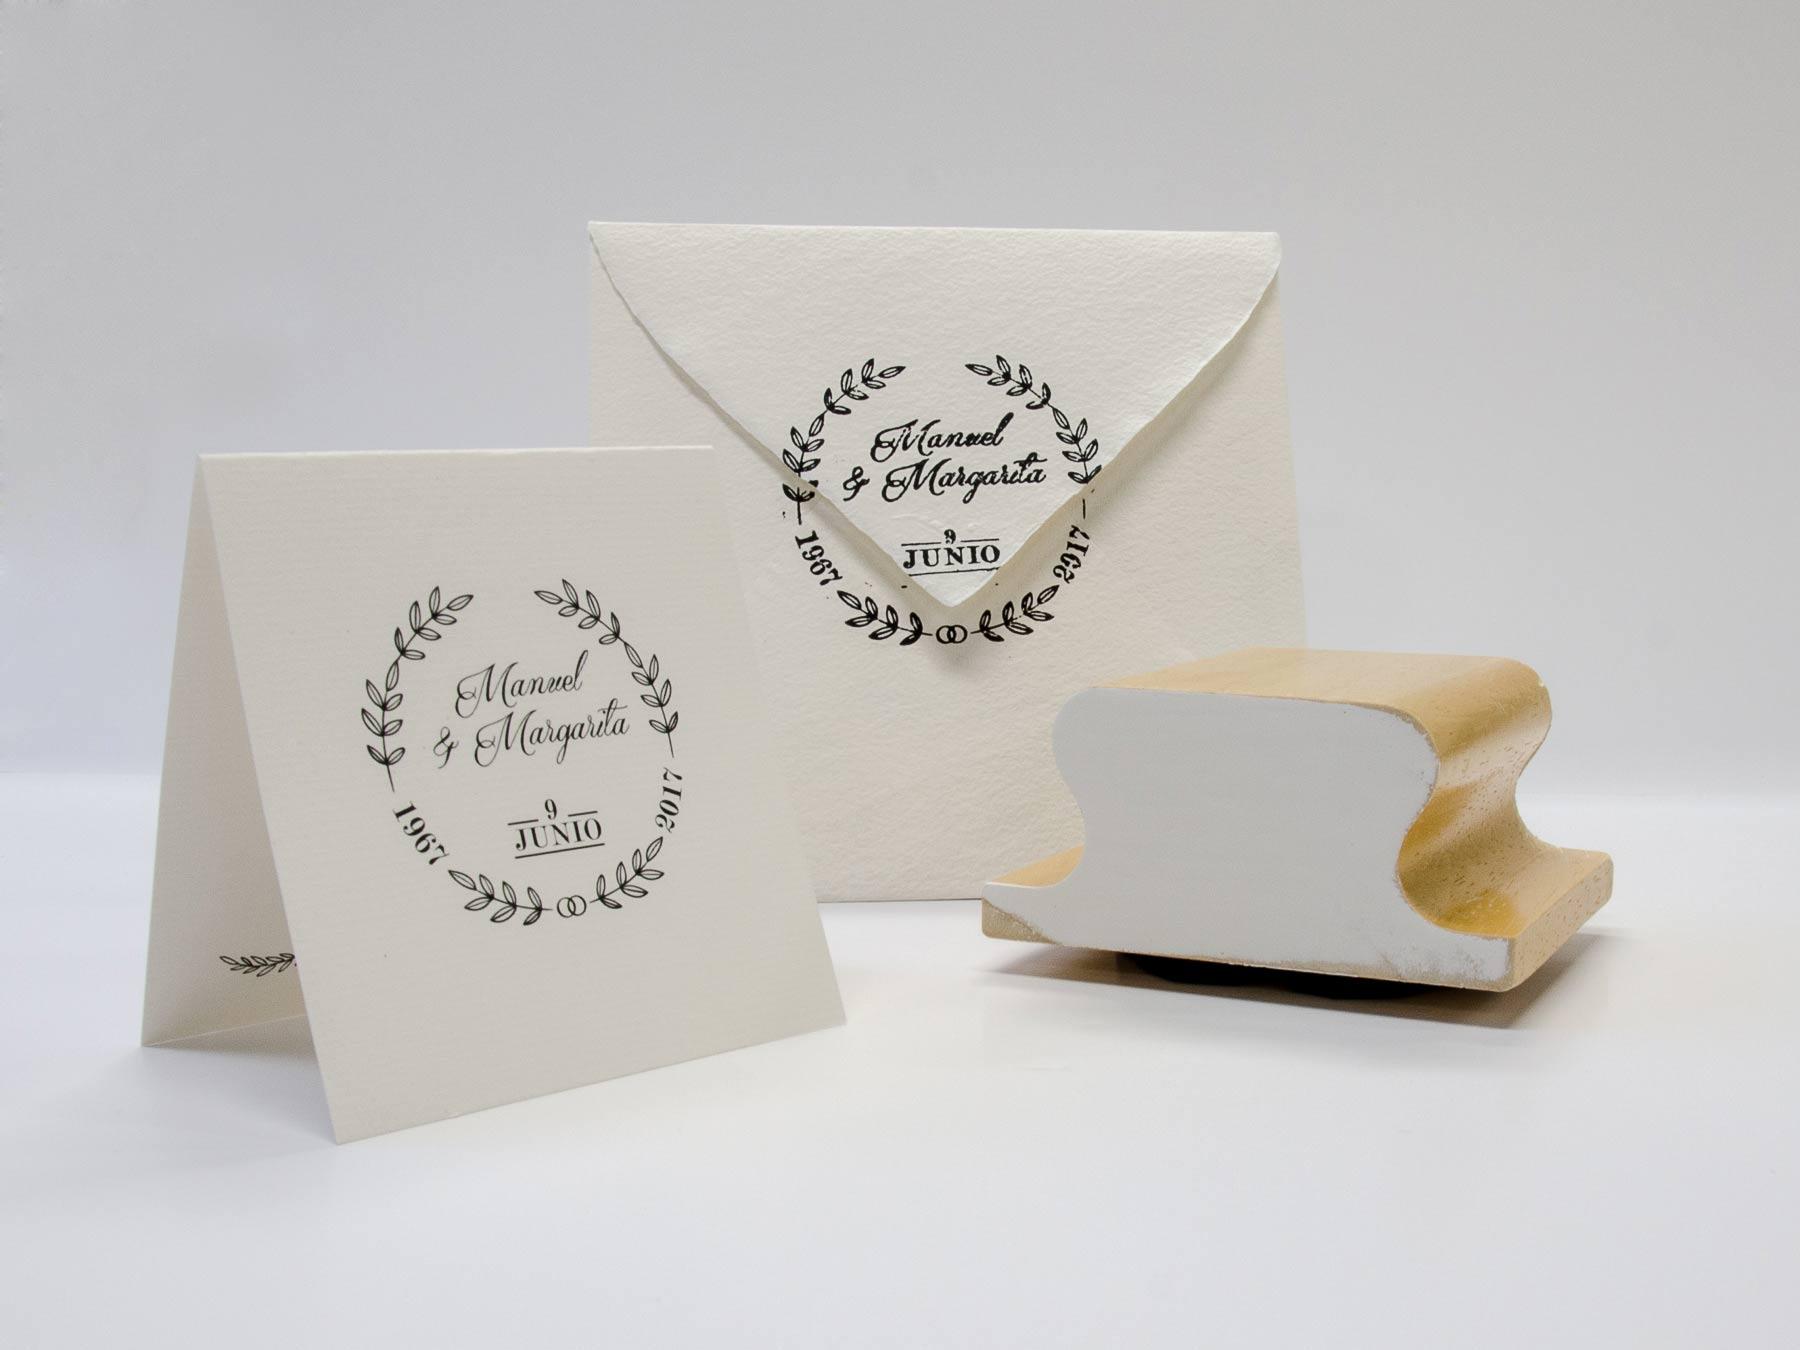 Diseño invitación, sobre y sello bodas de oro